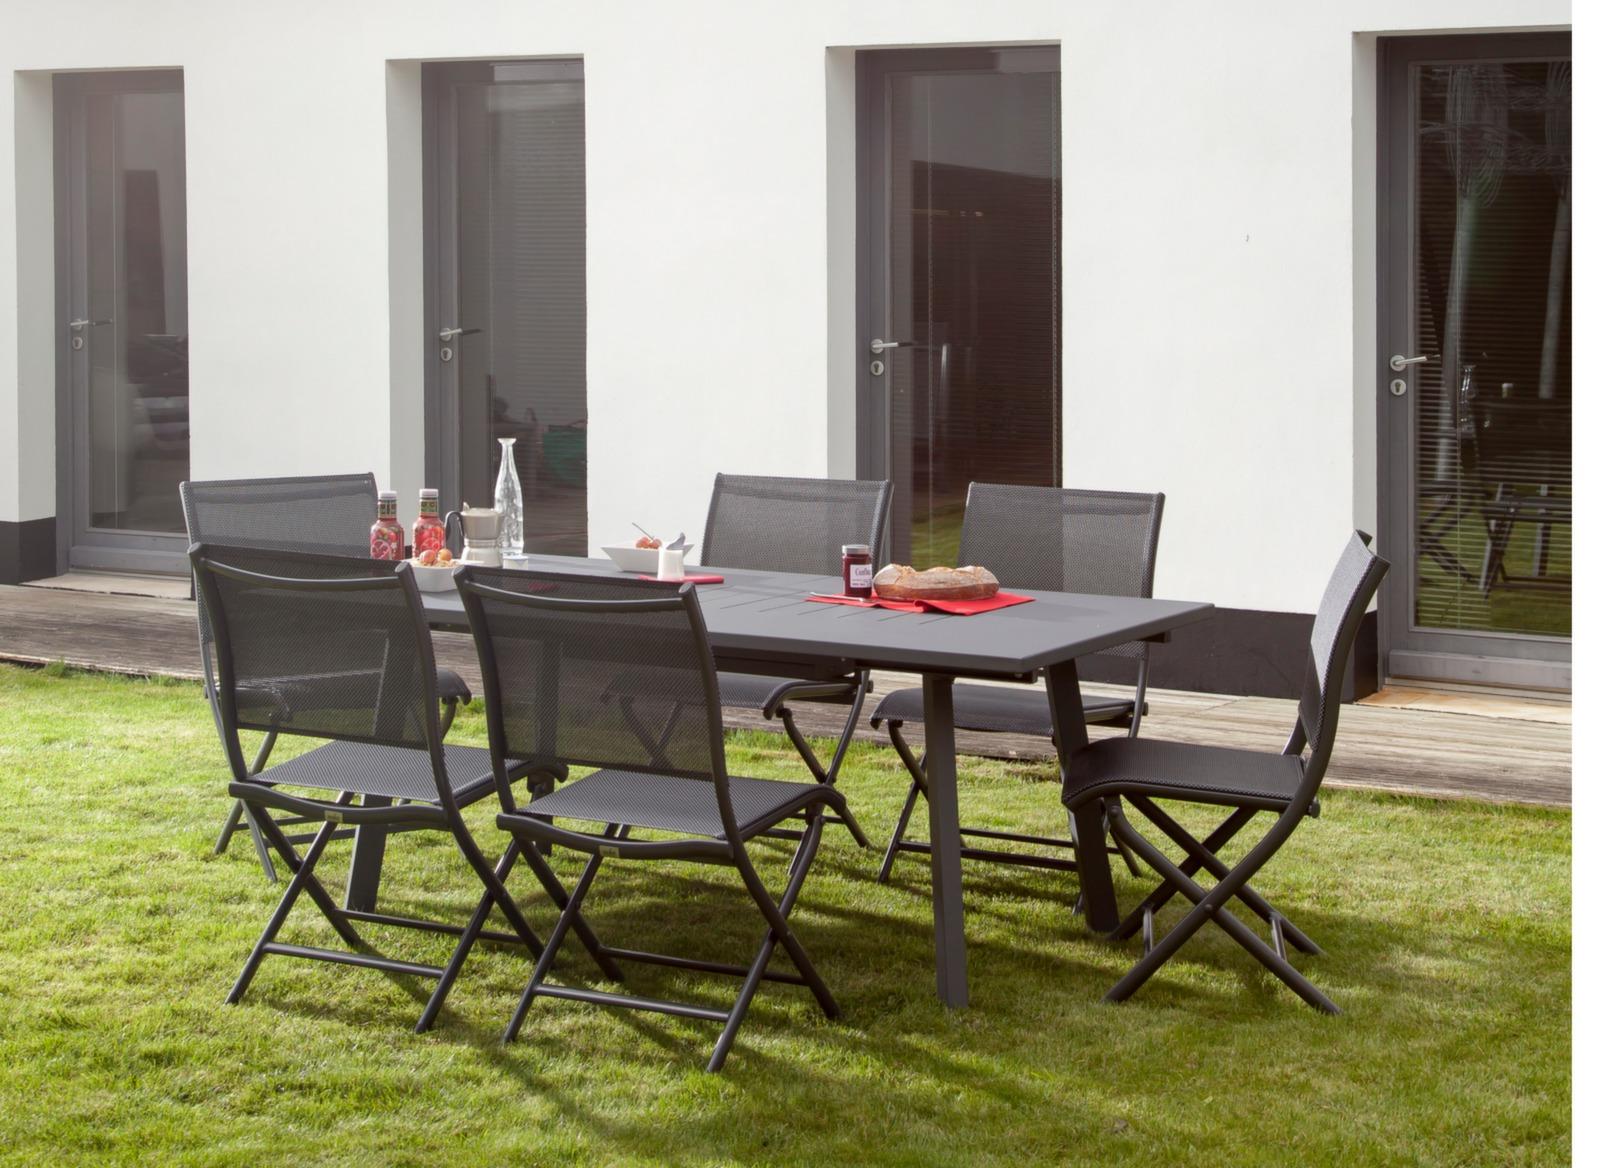 Soldes mobilier jardin for Soldes meubles jardin